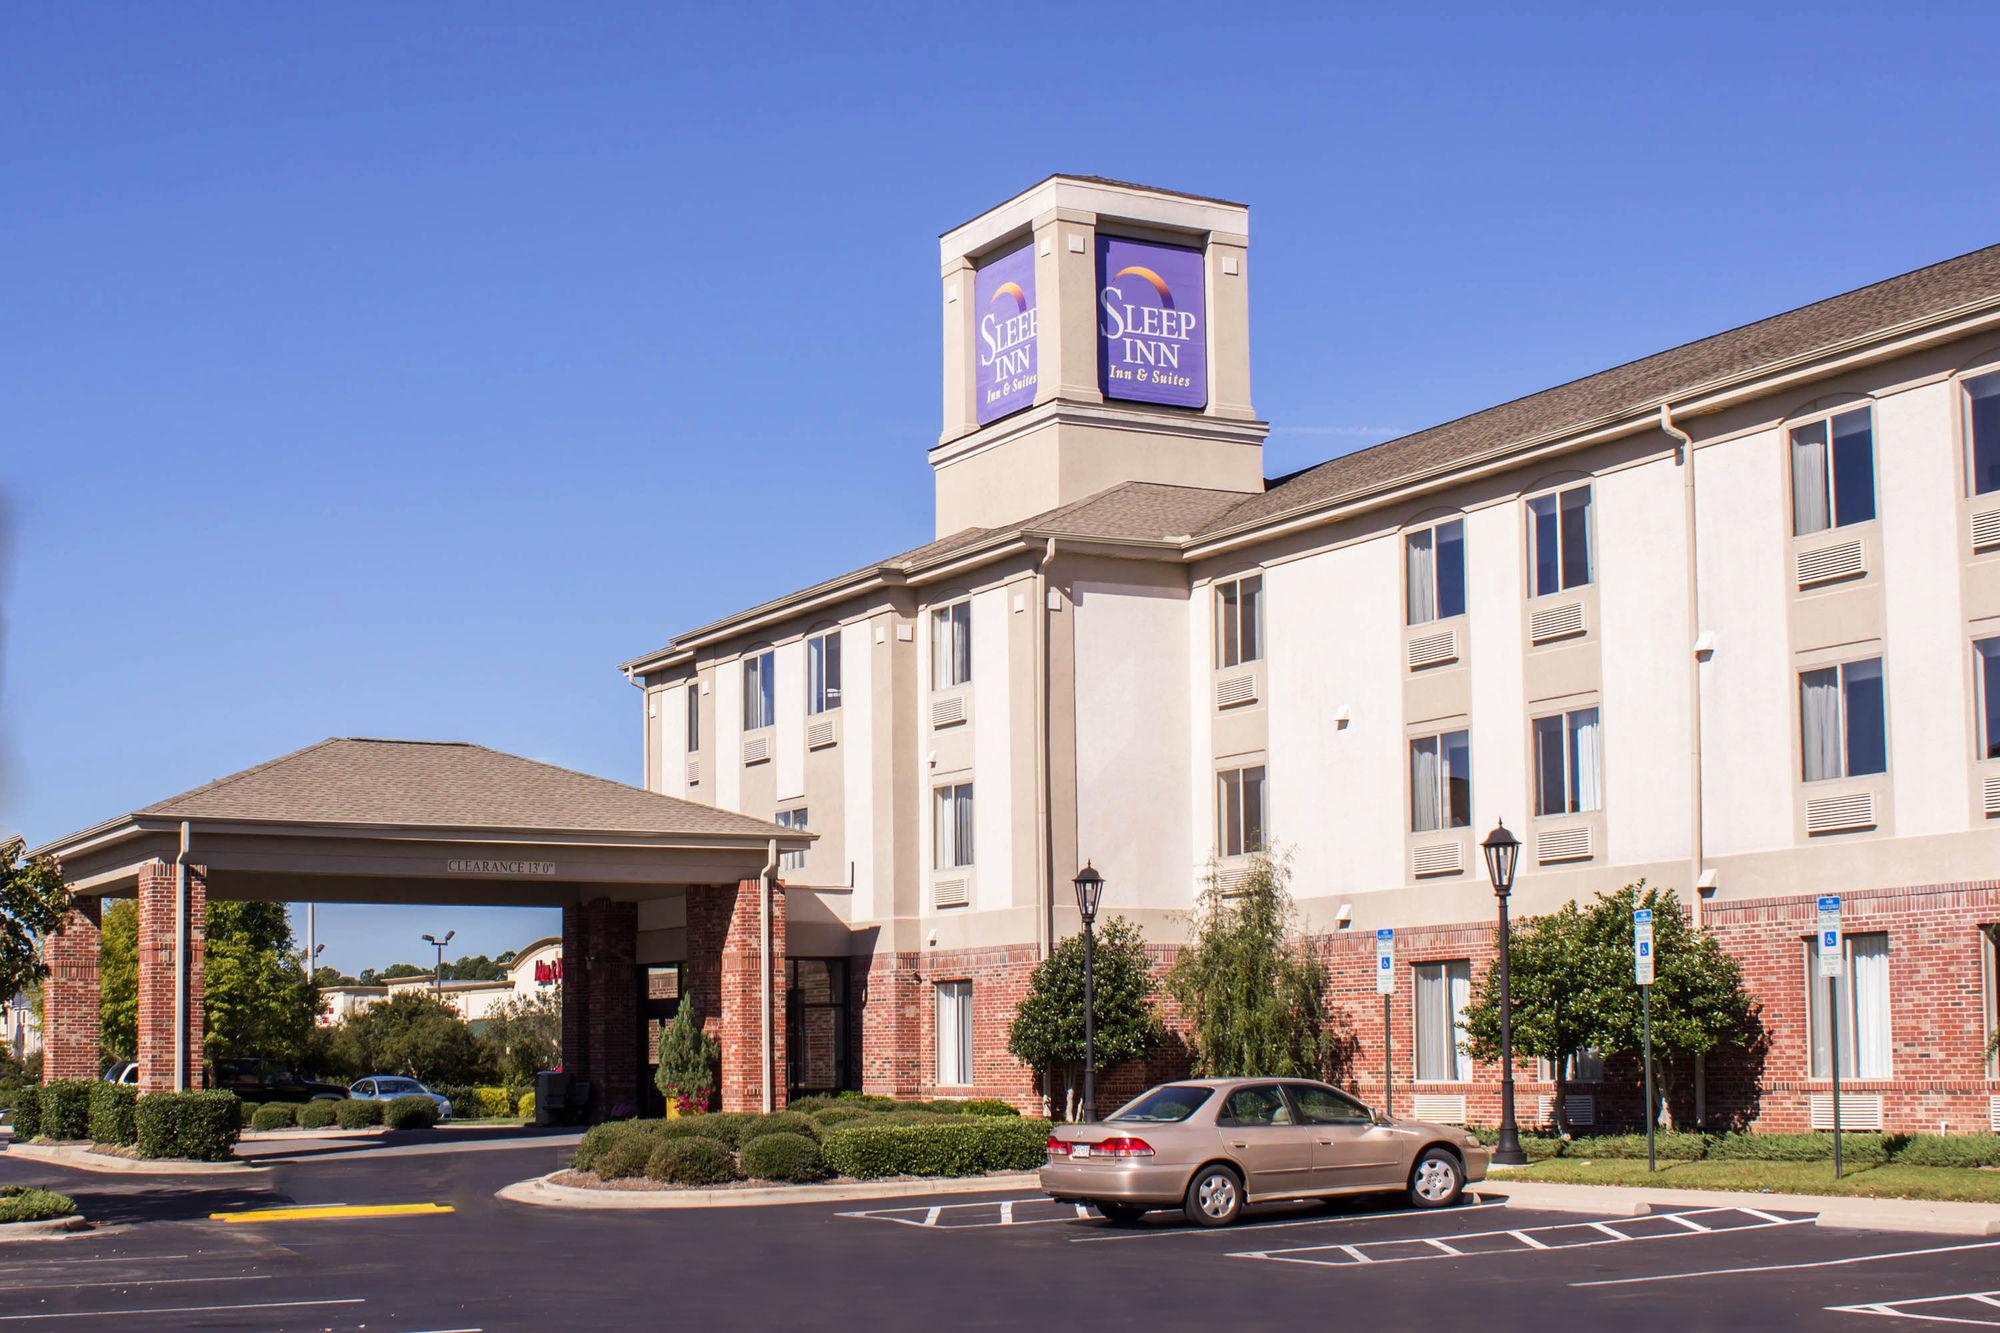 Sleep Inn & Suites in Smithfield, NC